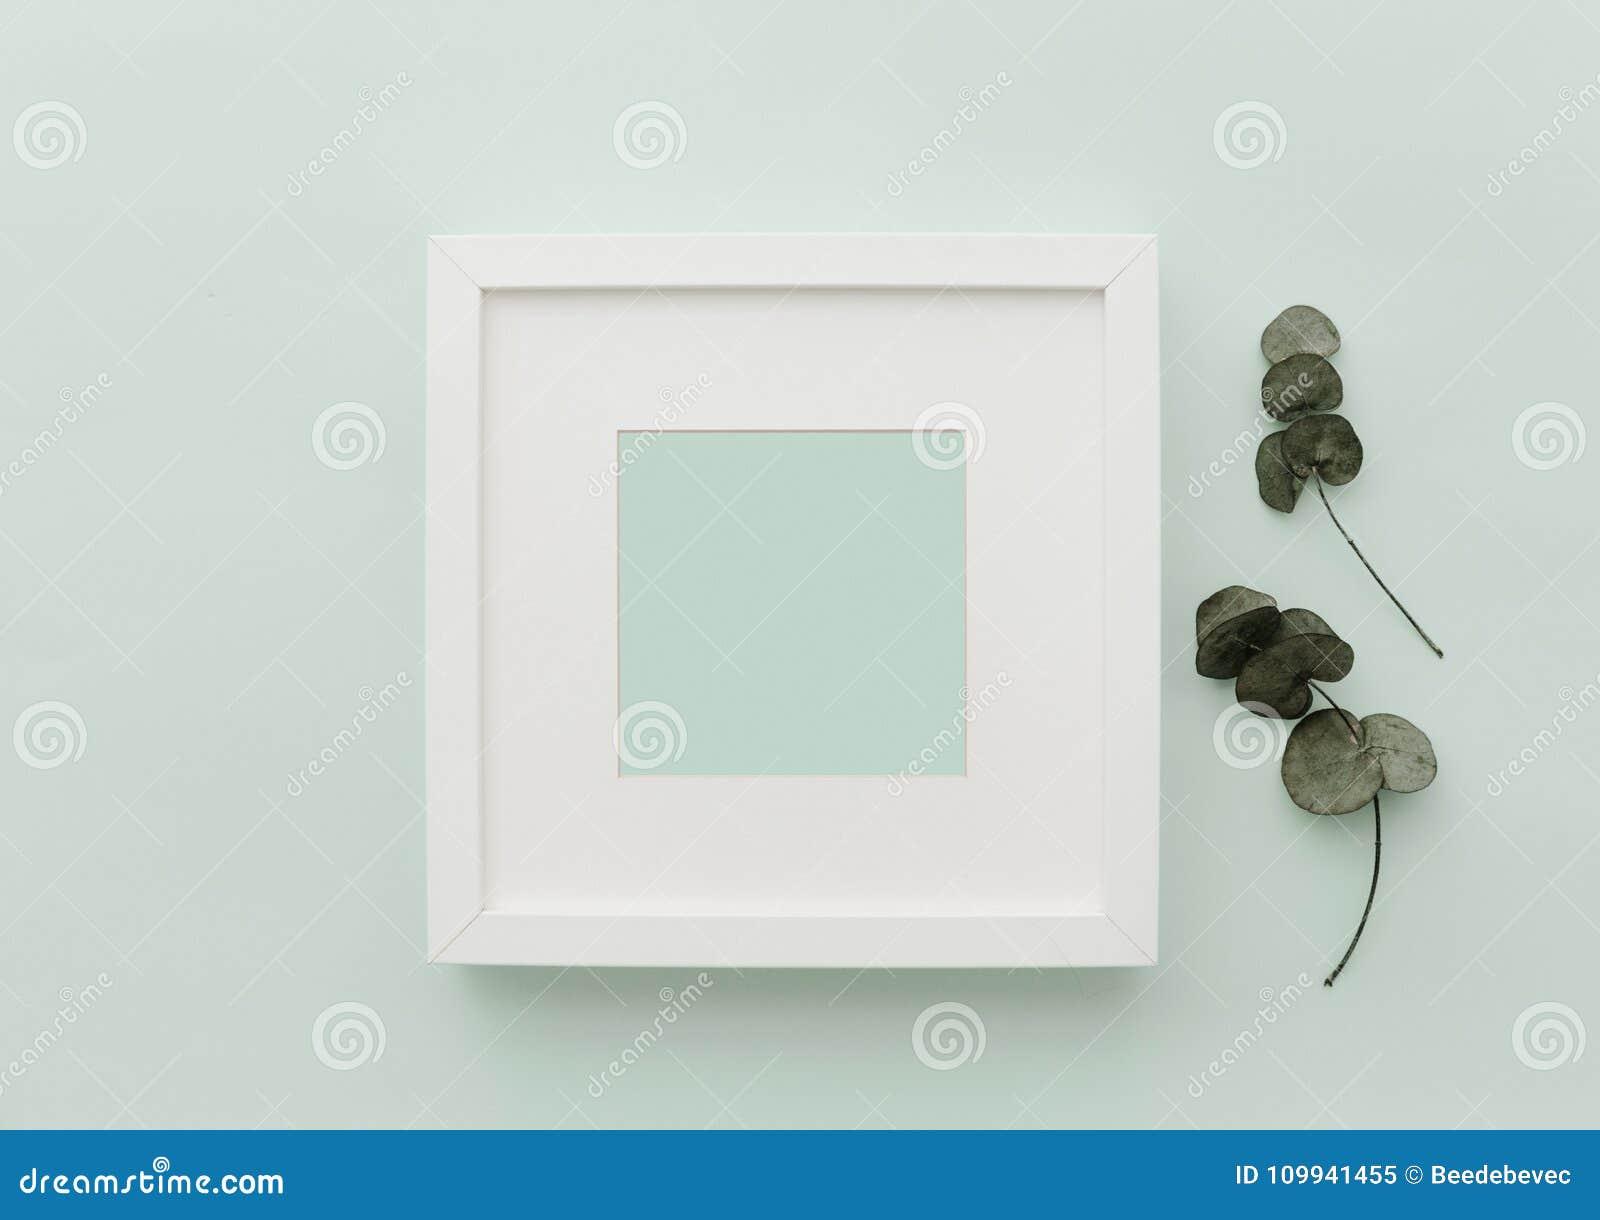 Marco del blanco de la maqueta Escena minimalista neutral de la endecha del plano con el cactus